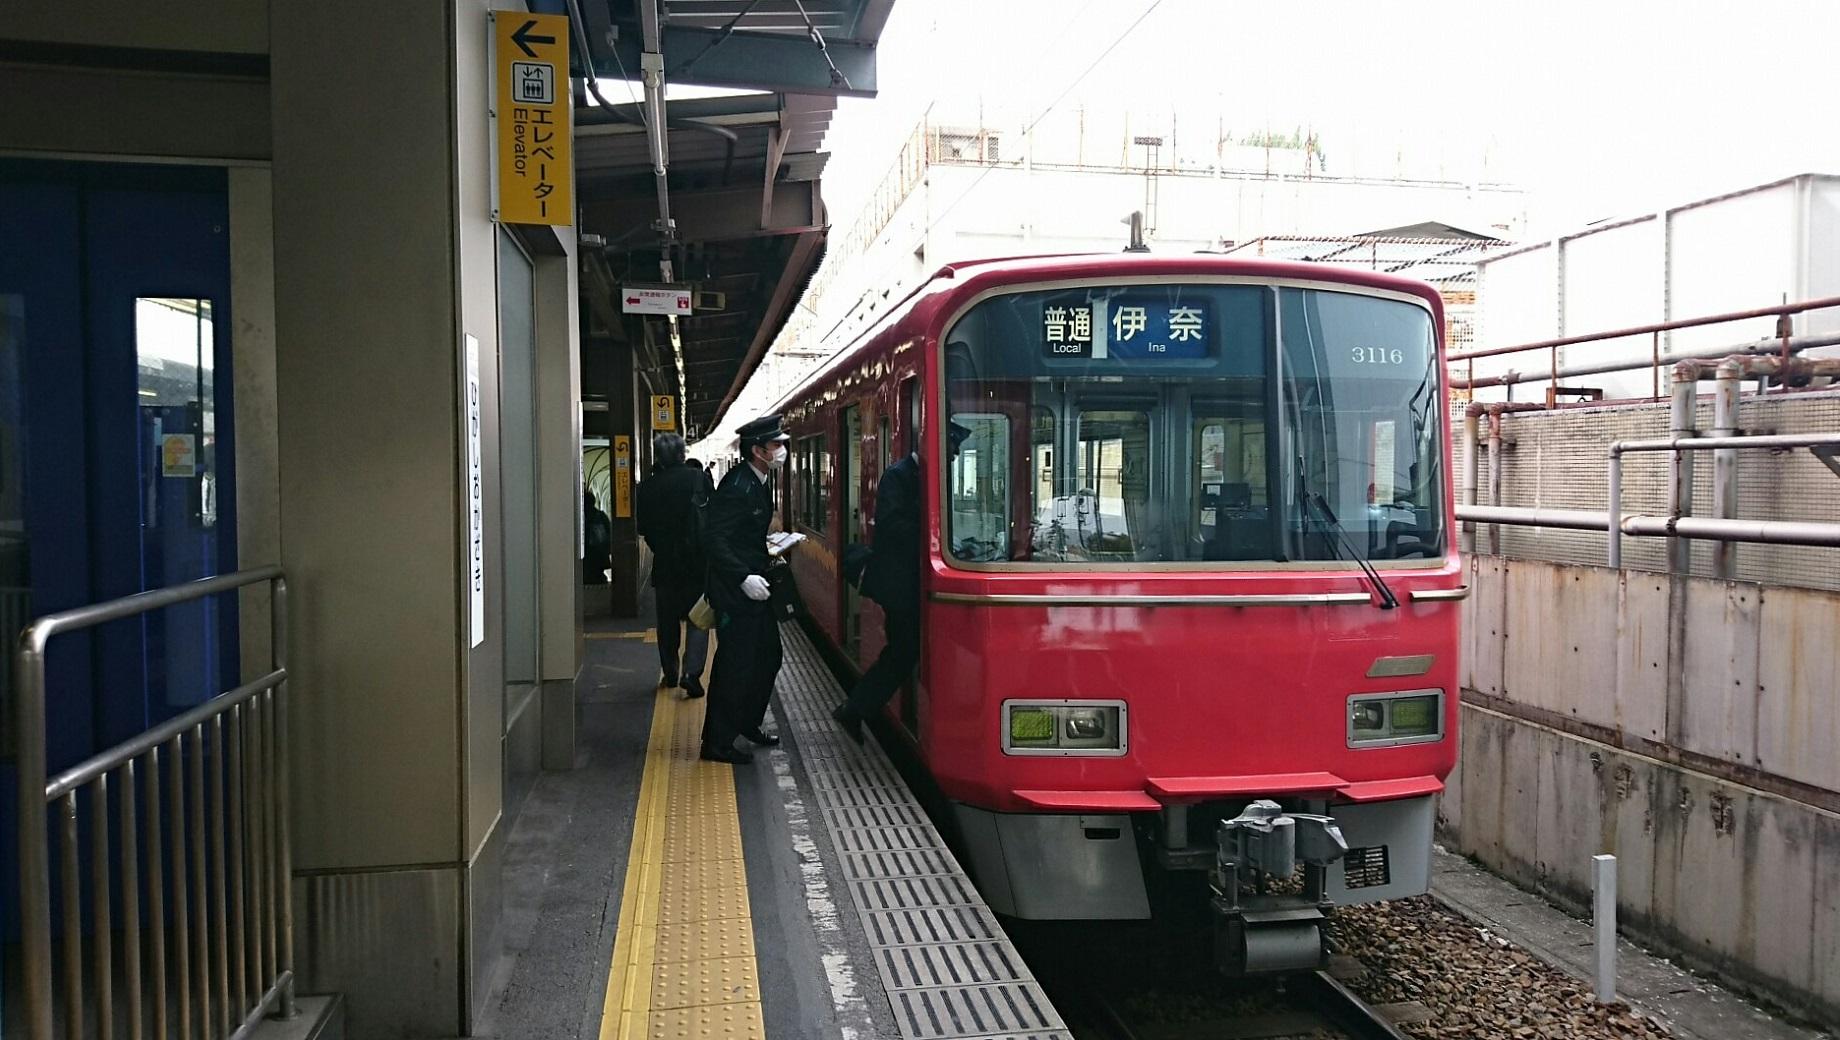 2018.2.21 東岡崎 (14) 東岡崎 - 伊奈いきふつう 1840-1040